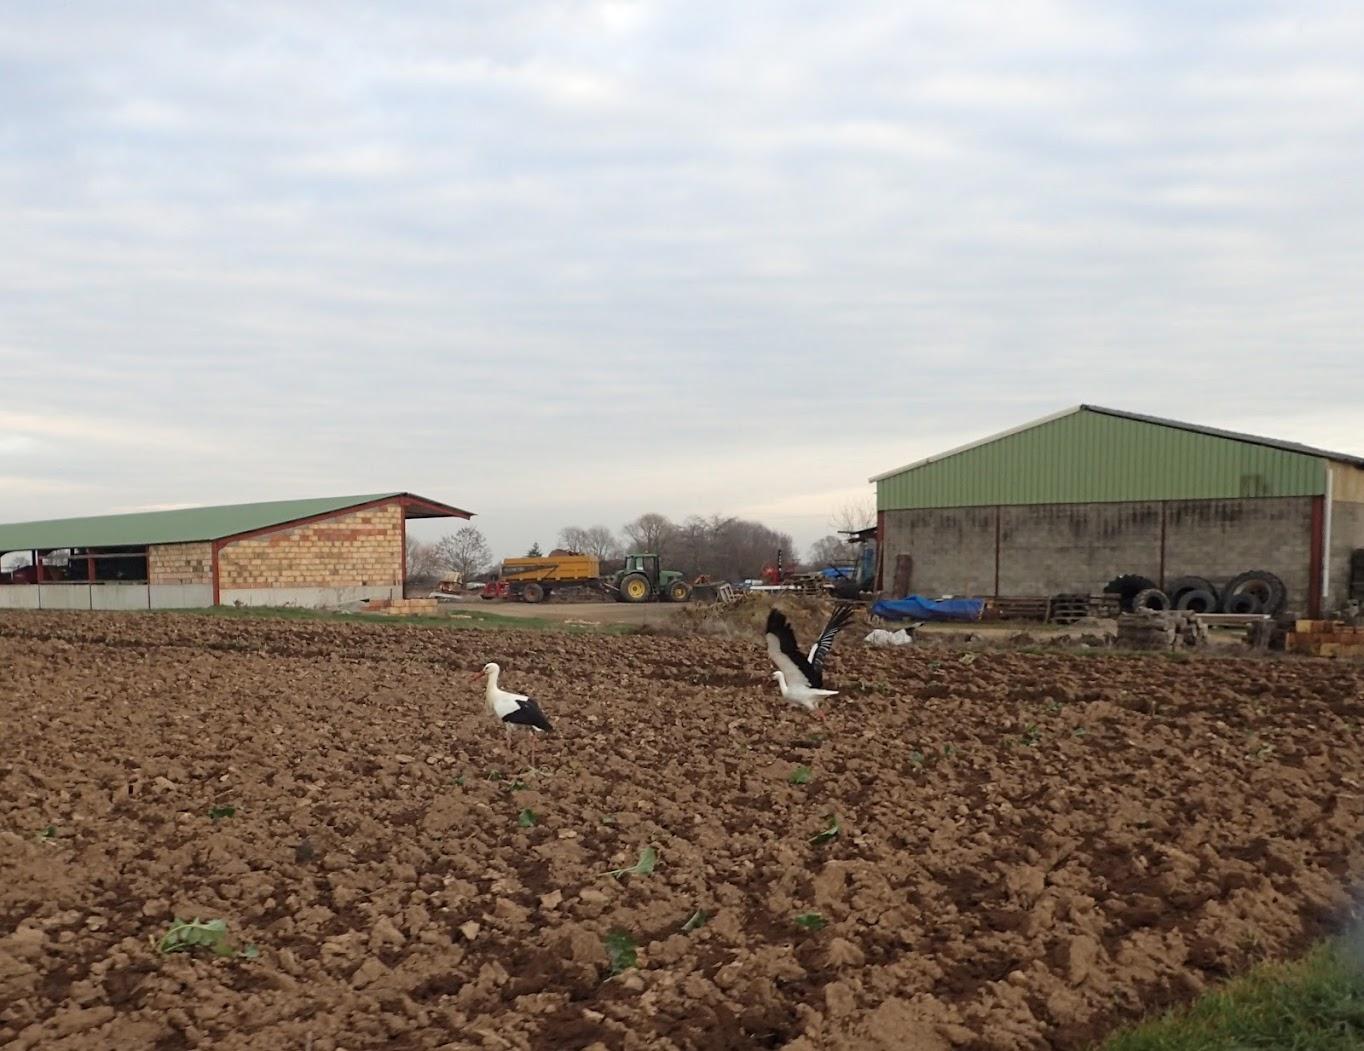 Les cigognes vont se tordre les chevilles dans ces mottes de terre labourée